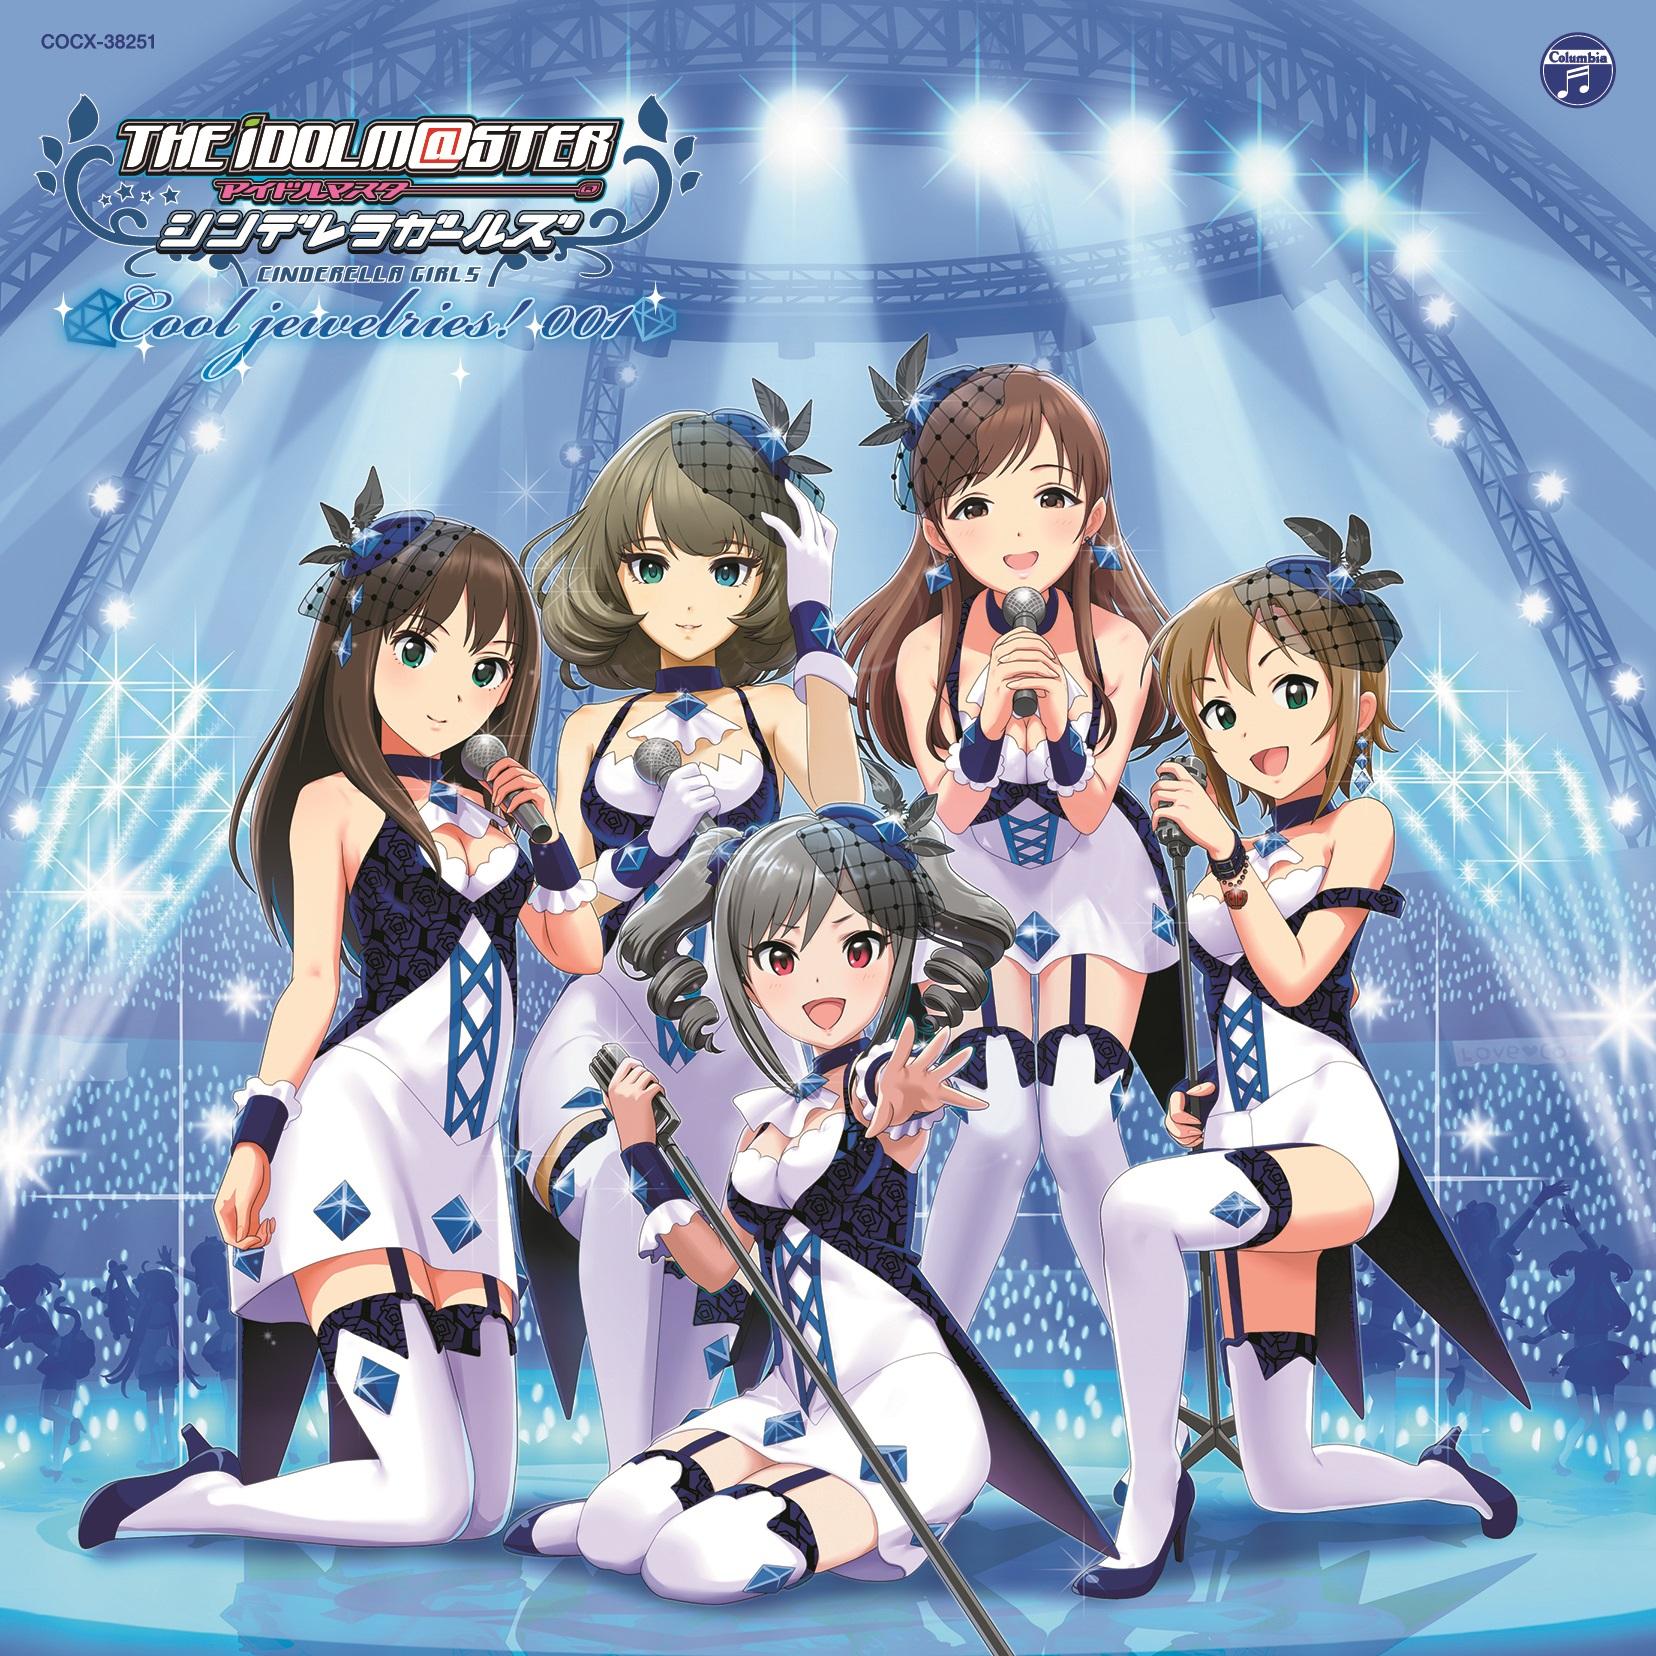 『アイドルマスター シンデレラガールズ』の最新CDは9月25日に発売! 『CINDERELLA